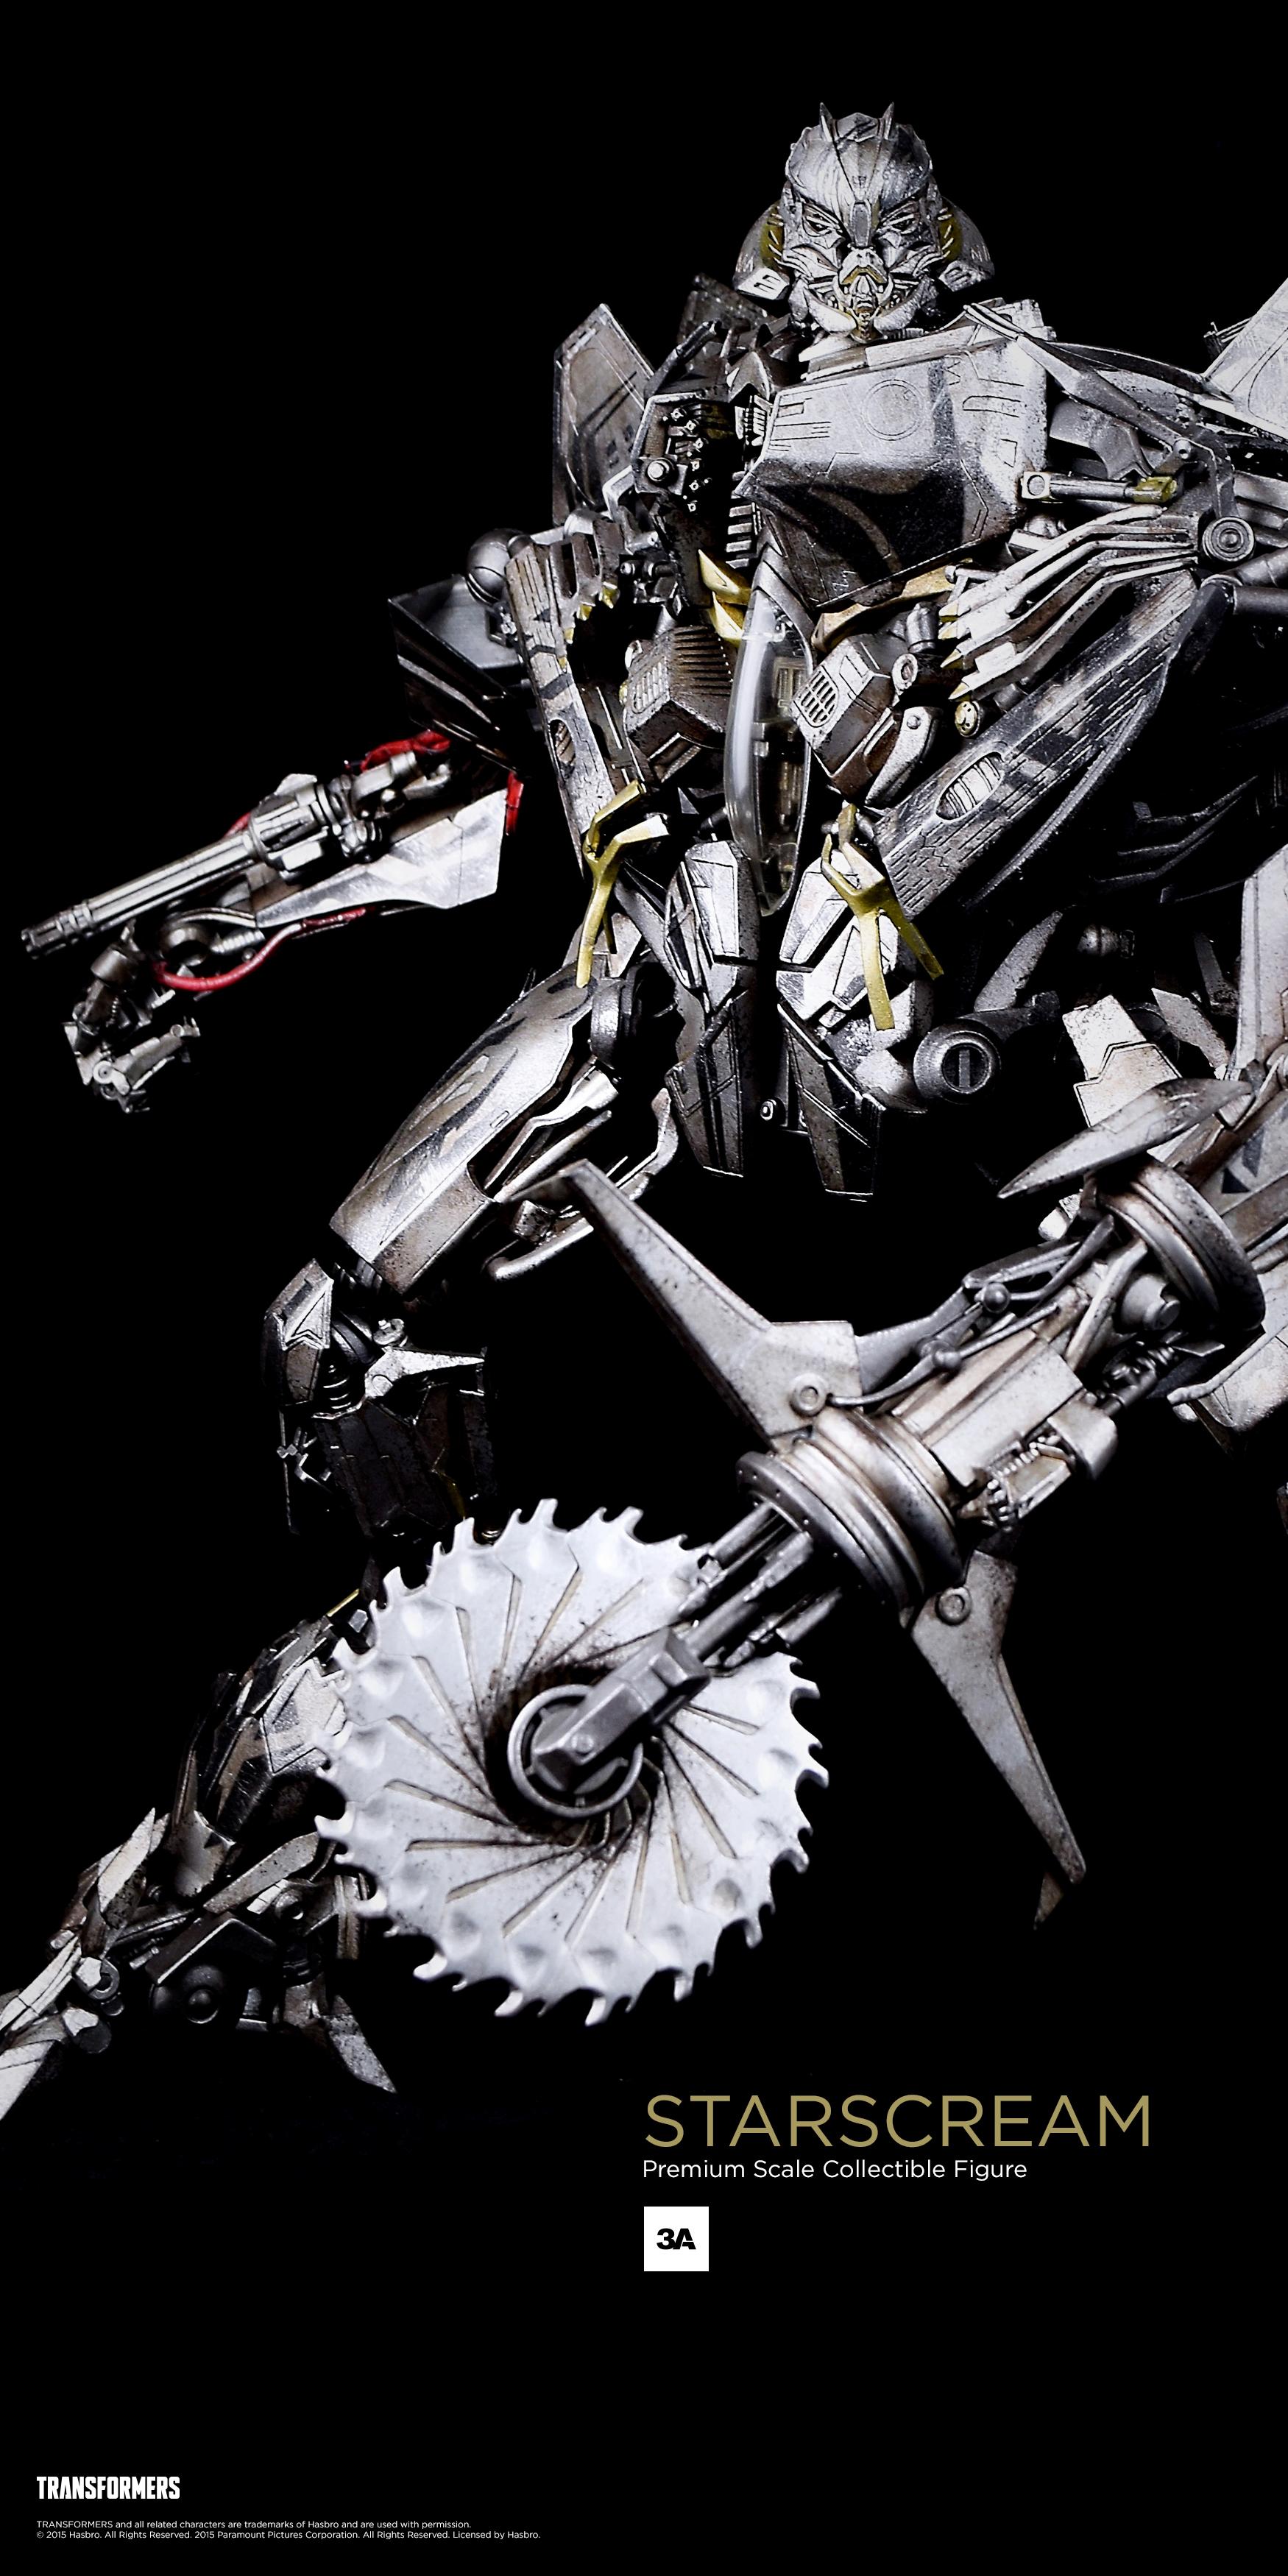 3A_Transformers_Starscream_Ad_1750x3500_E_001.jpg